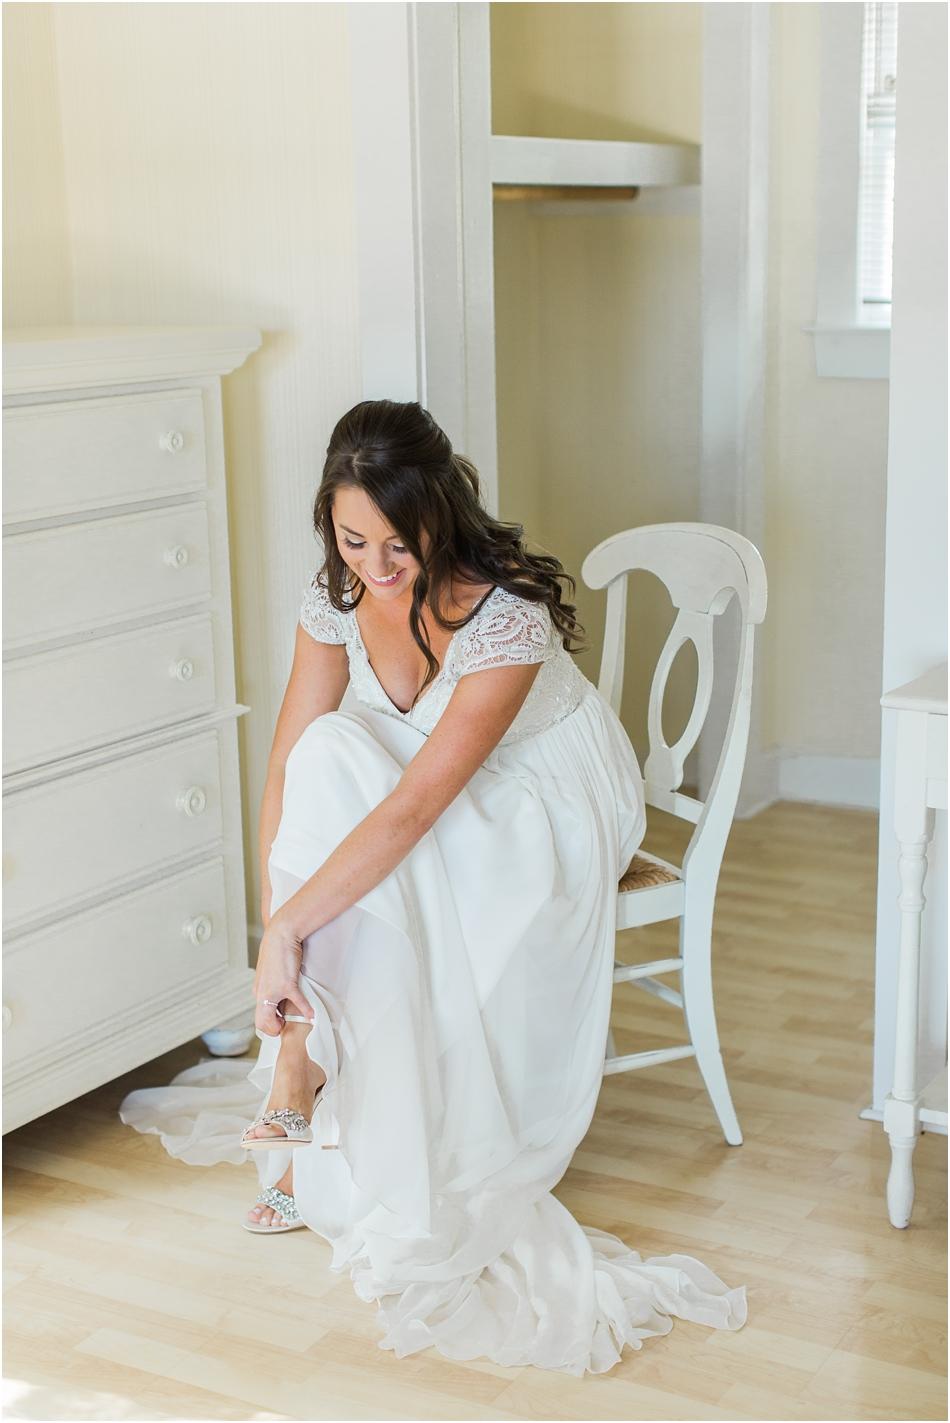 popponessett_inn_new_seabury_natasha_matt_cape_cod_boston_new_england_wedding_photographer_Meredith_Jane_Photography_photo_2419.jpg